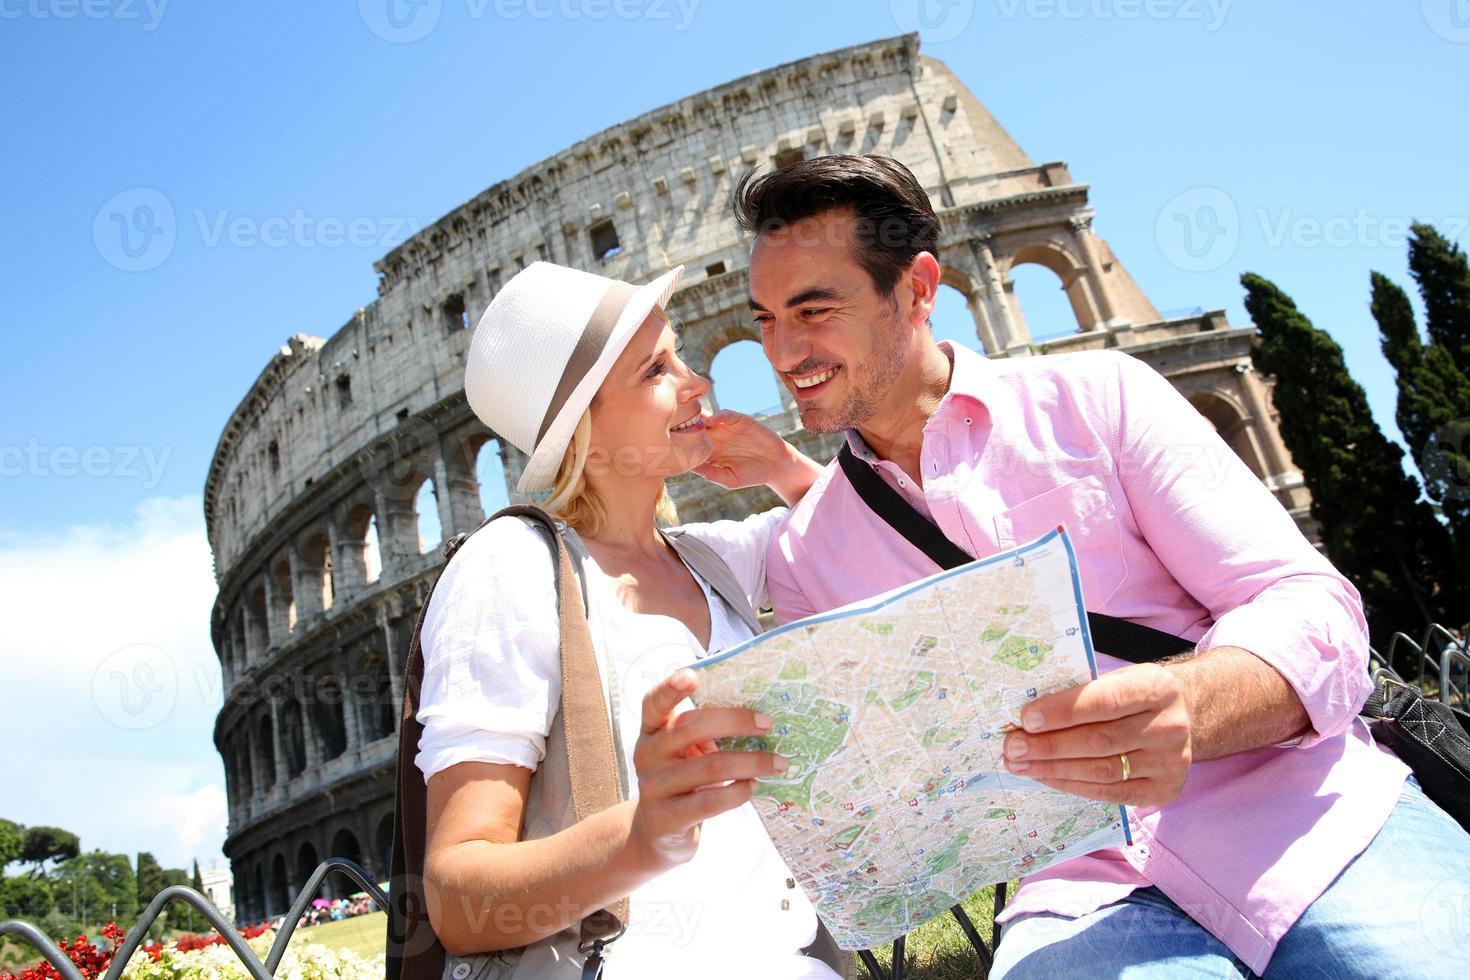 couple amoureux regardant la carte avant de visiter colisée photo